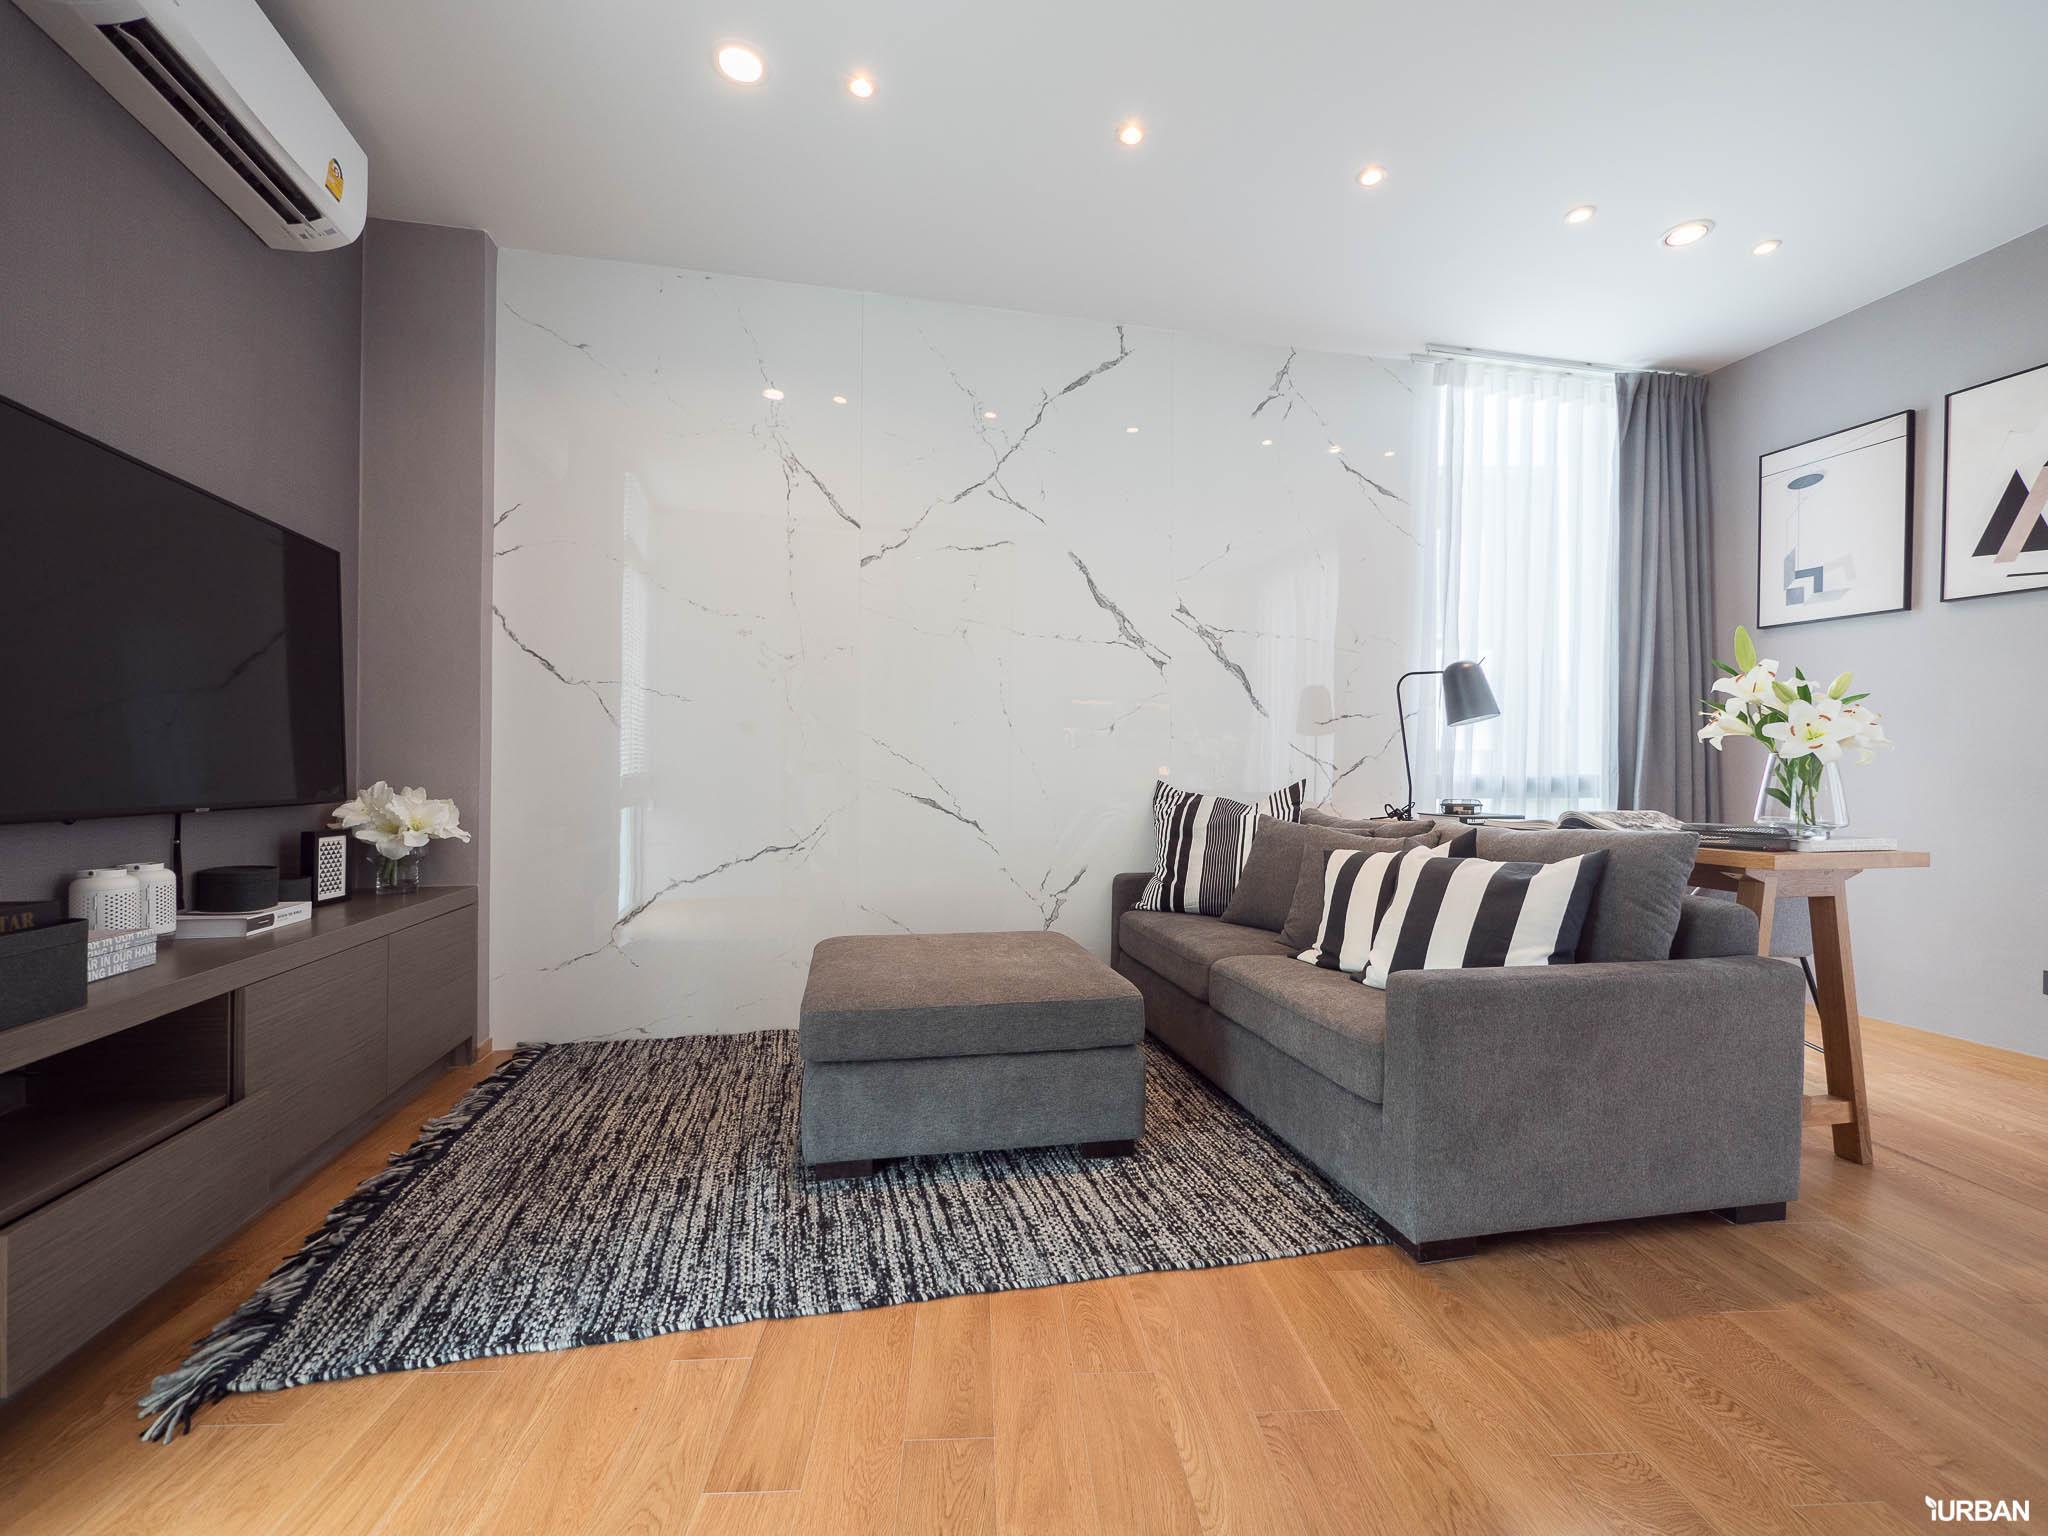 รีวิว Nirvana BEYOND Udonthani บ้านเดี่ยว 3 ชั้น ดีไซน์บิดสุดโมเดิร์น บนที่ดินสุดท้ายหน้าหนองประจักษ์ 149 - Luxury